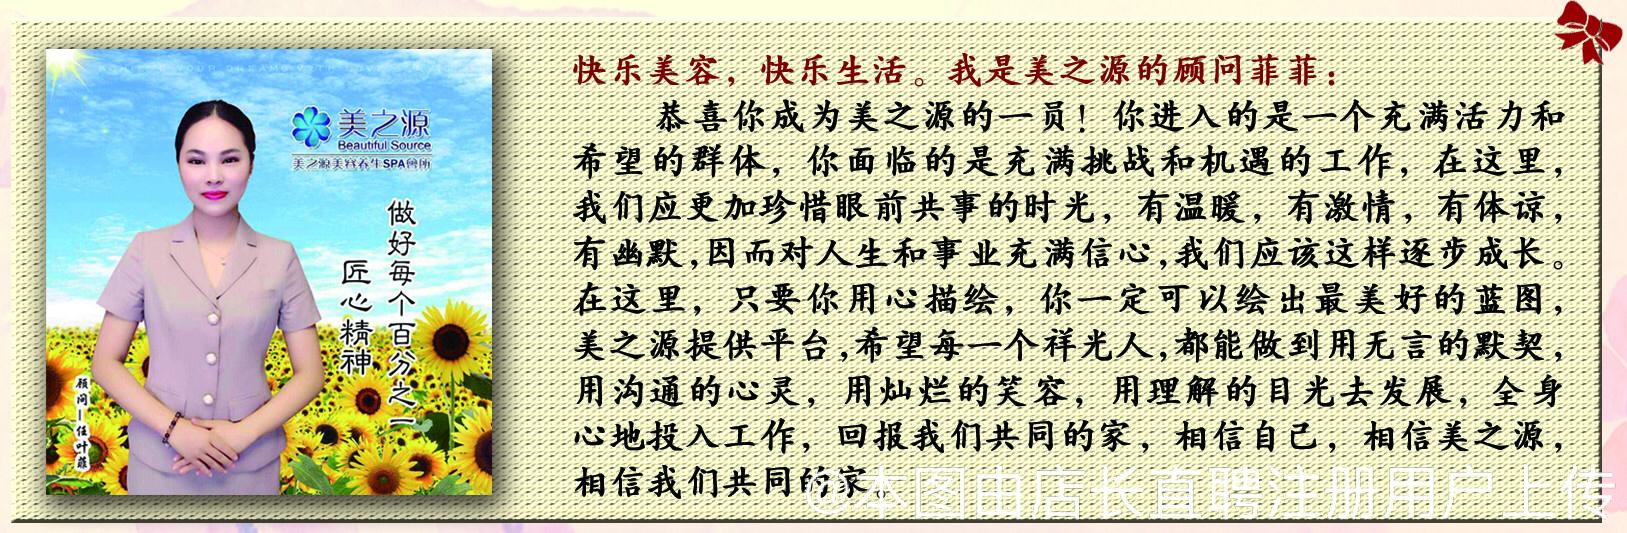 江都区仙女镇崔裕美容院